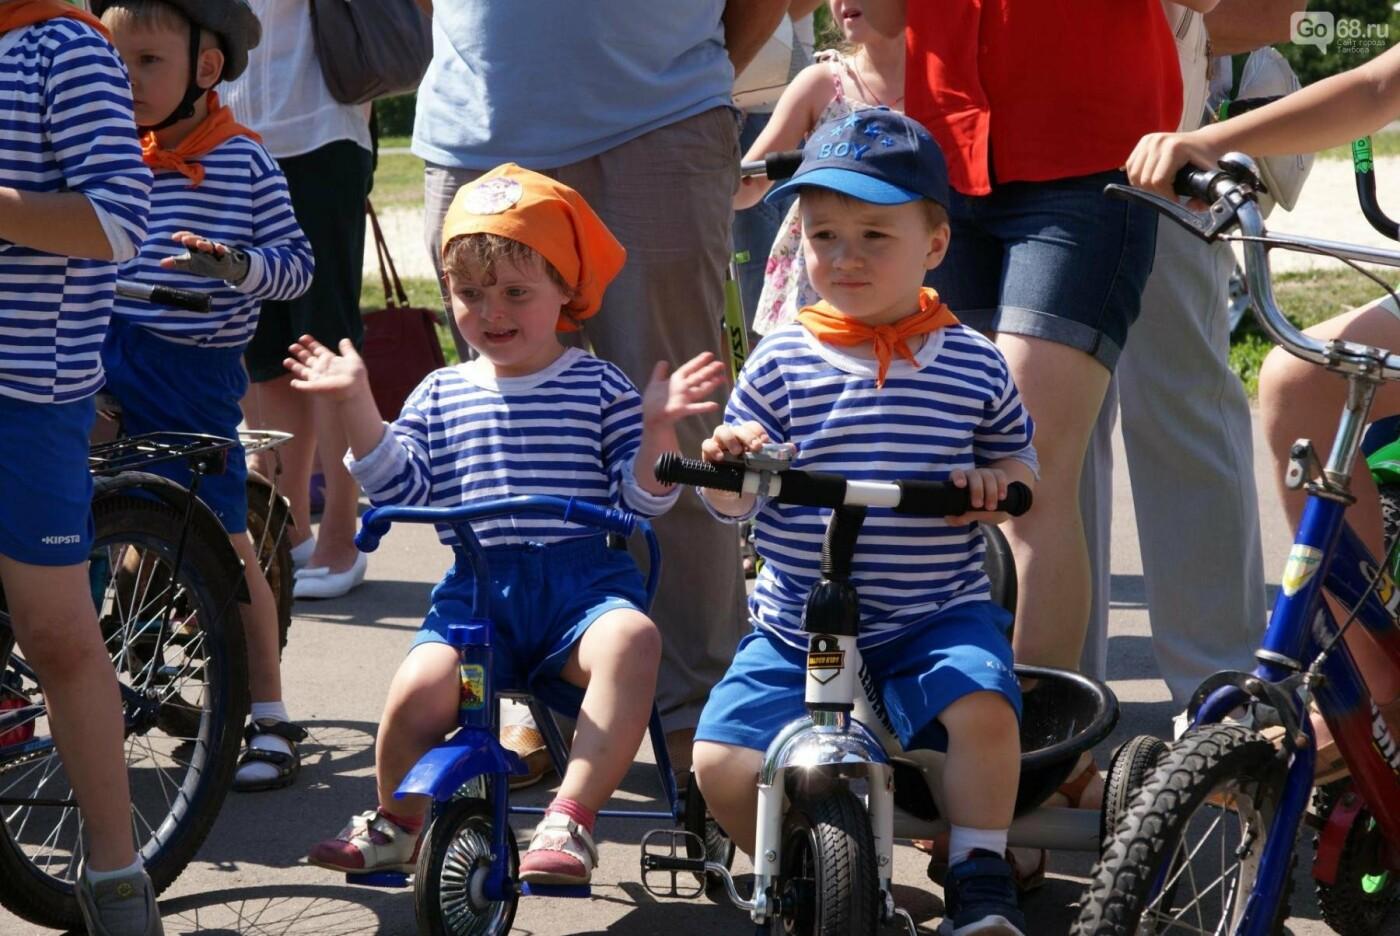 Тамбовский фестиваль «Солнце на спицах» объединил любителей велоспорта, фото-2